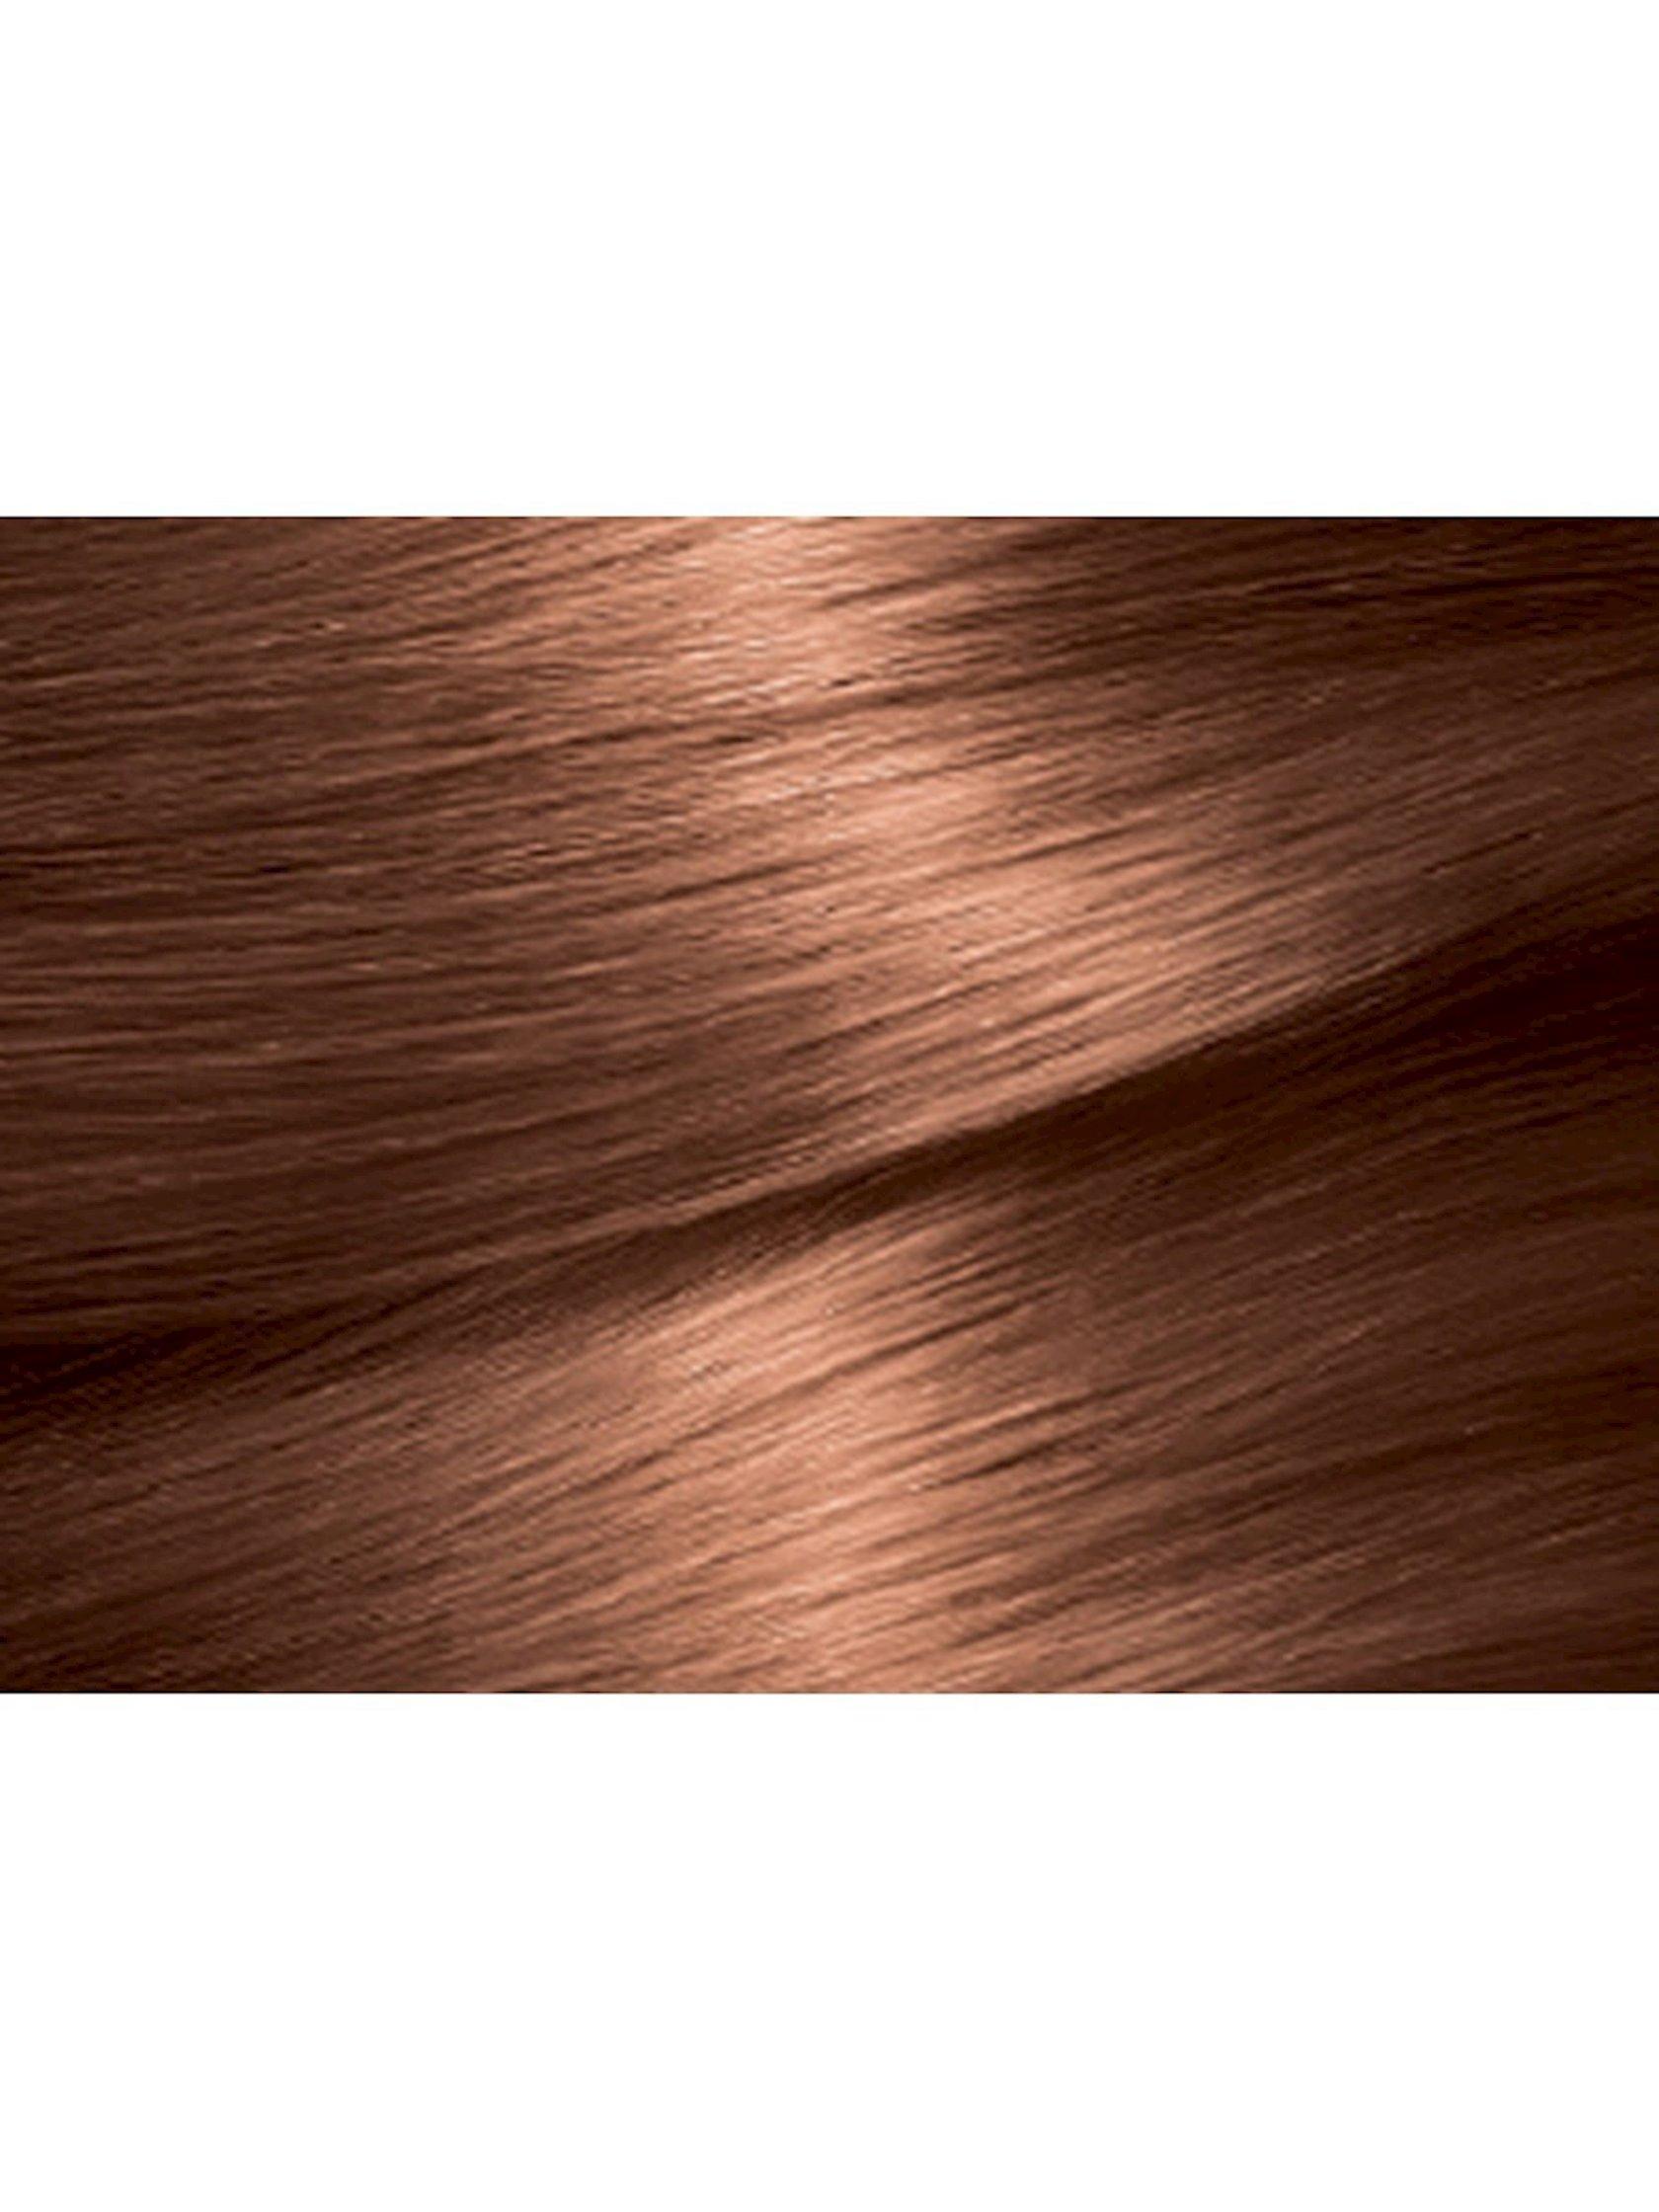 Saç üçün qalıcı krem-boya Garnier Color Naturals 6.23 Sədəfli badam